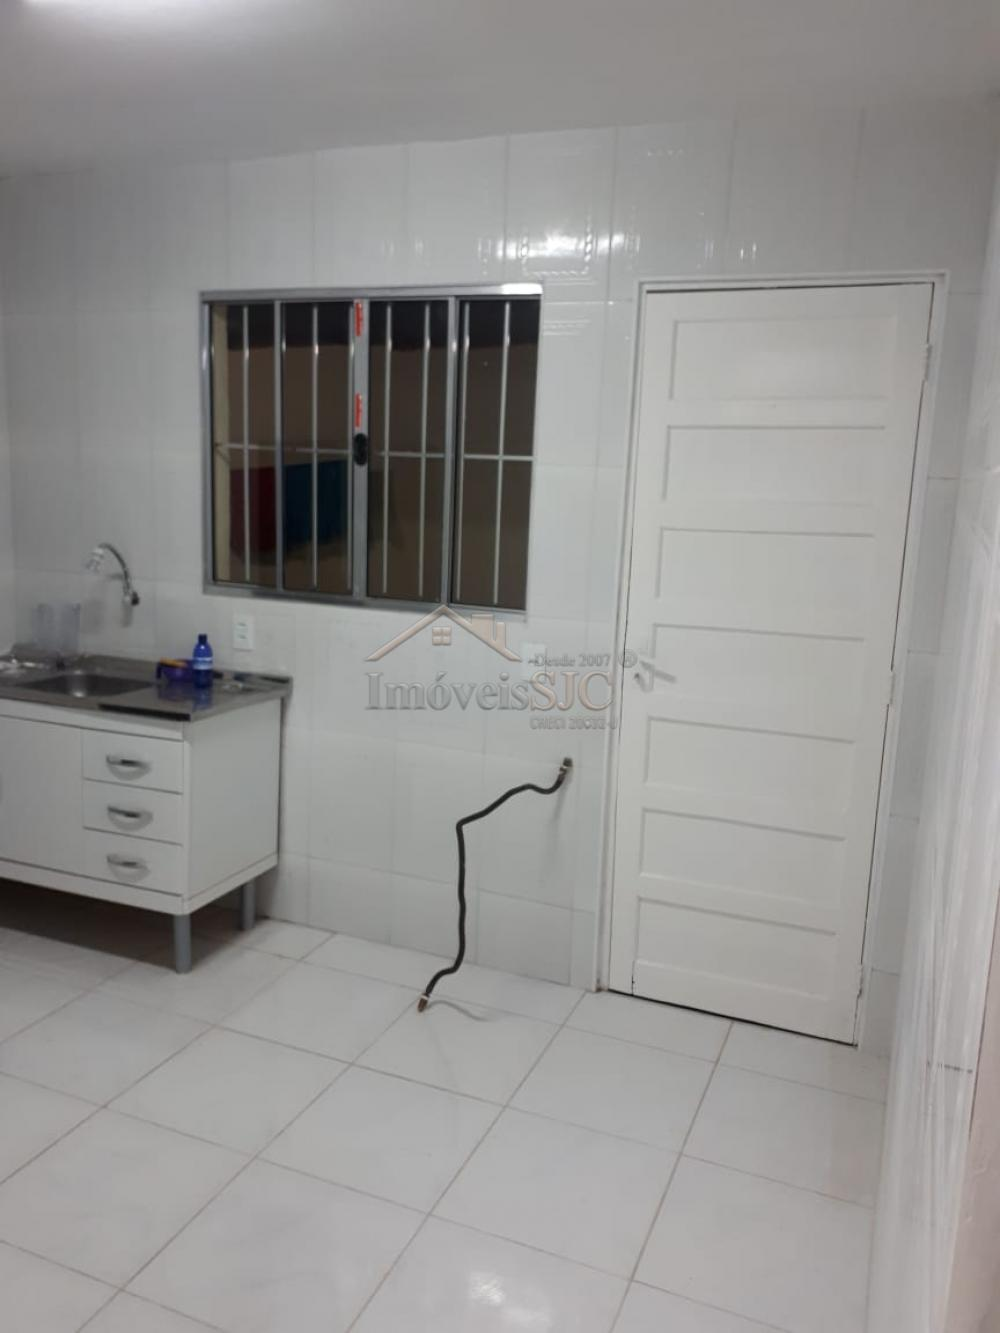 Alugar Casas / Padrão em São José dos Campos apenas R$ 1.500,00 - Foto 3